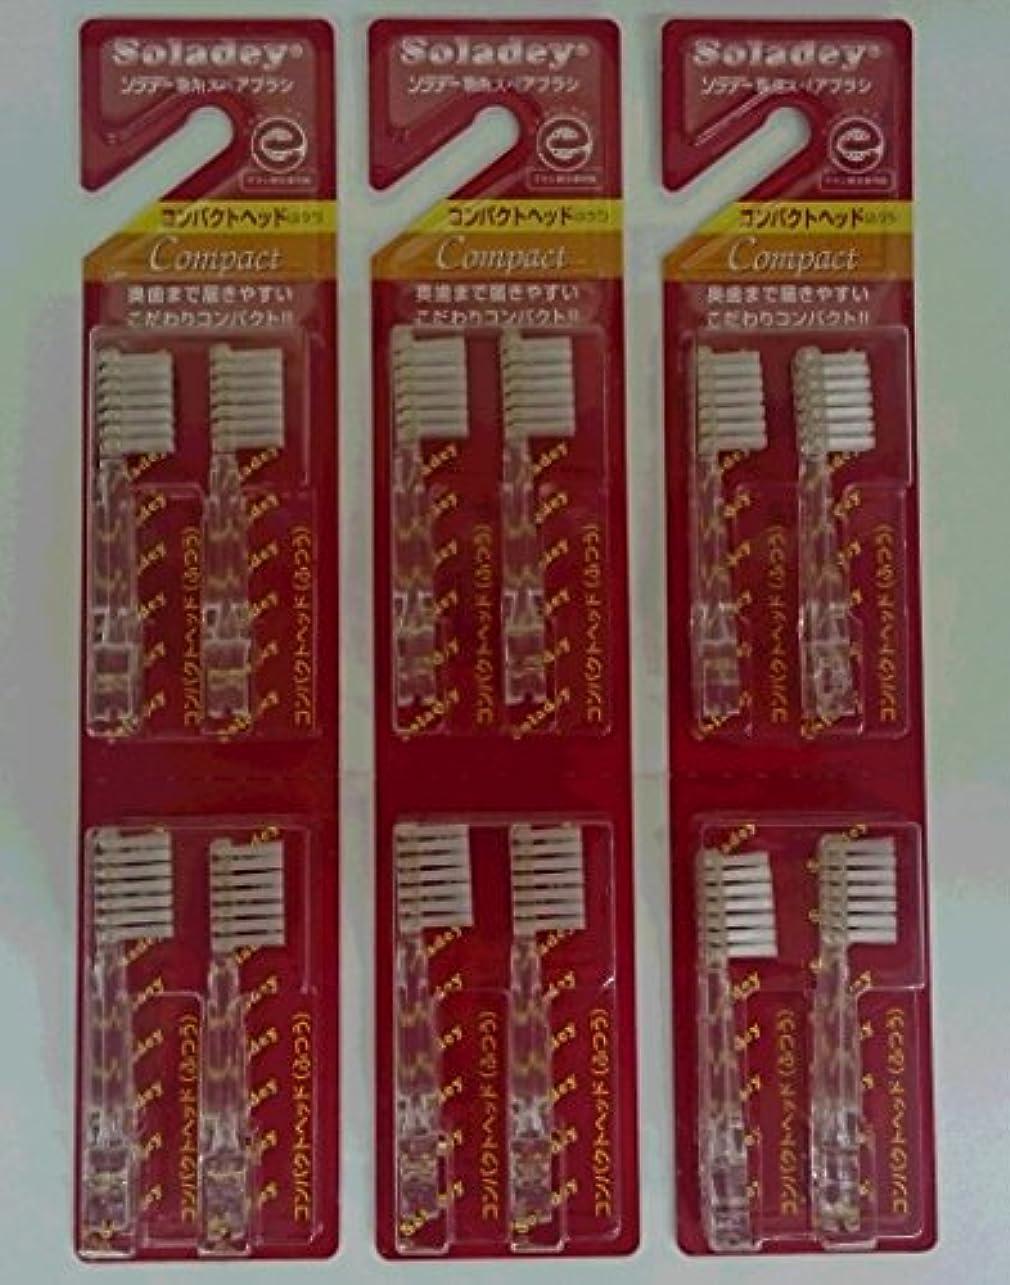 首相圧倒する召喚するソラデー3 スペアブラシ コンパクト 4本入り×3セット(計12本)